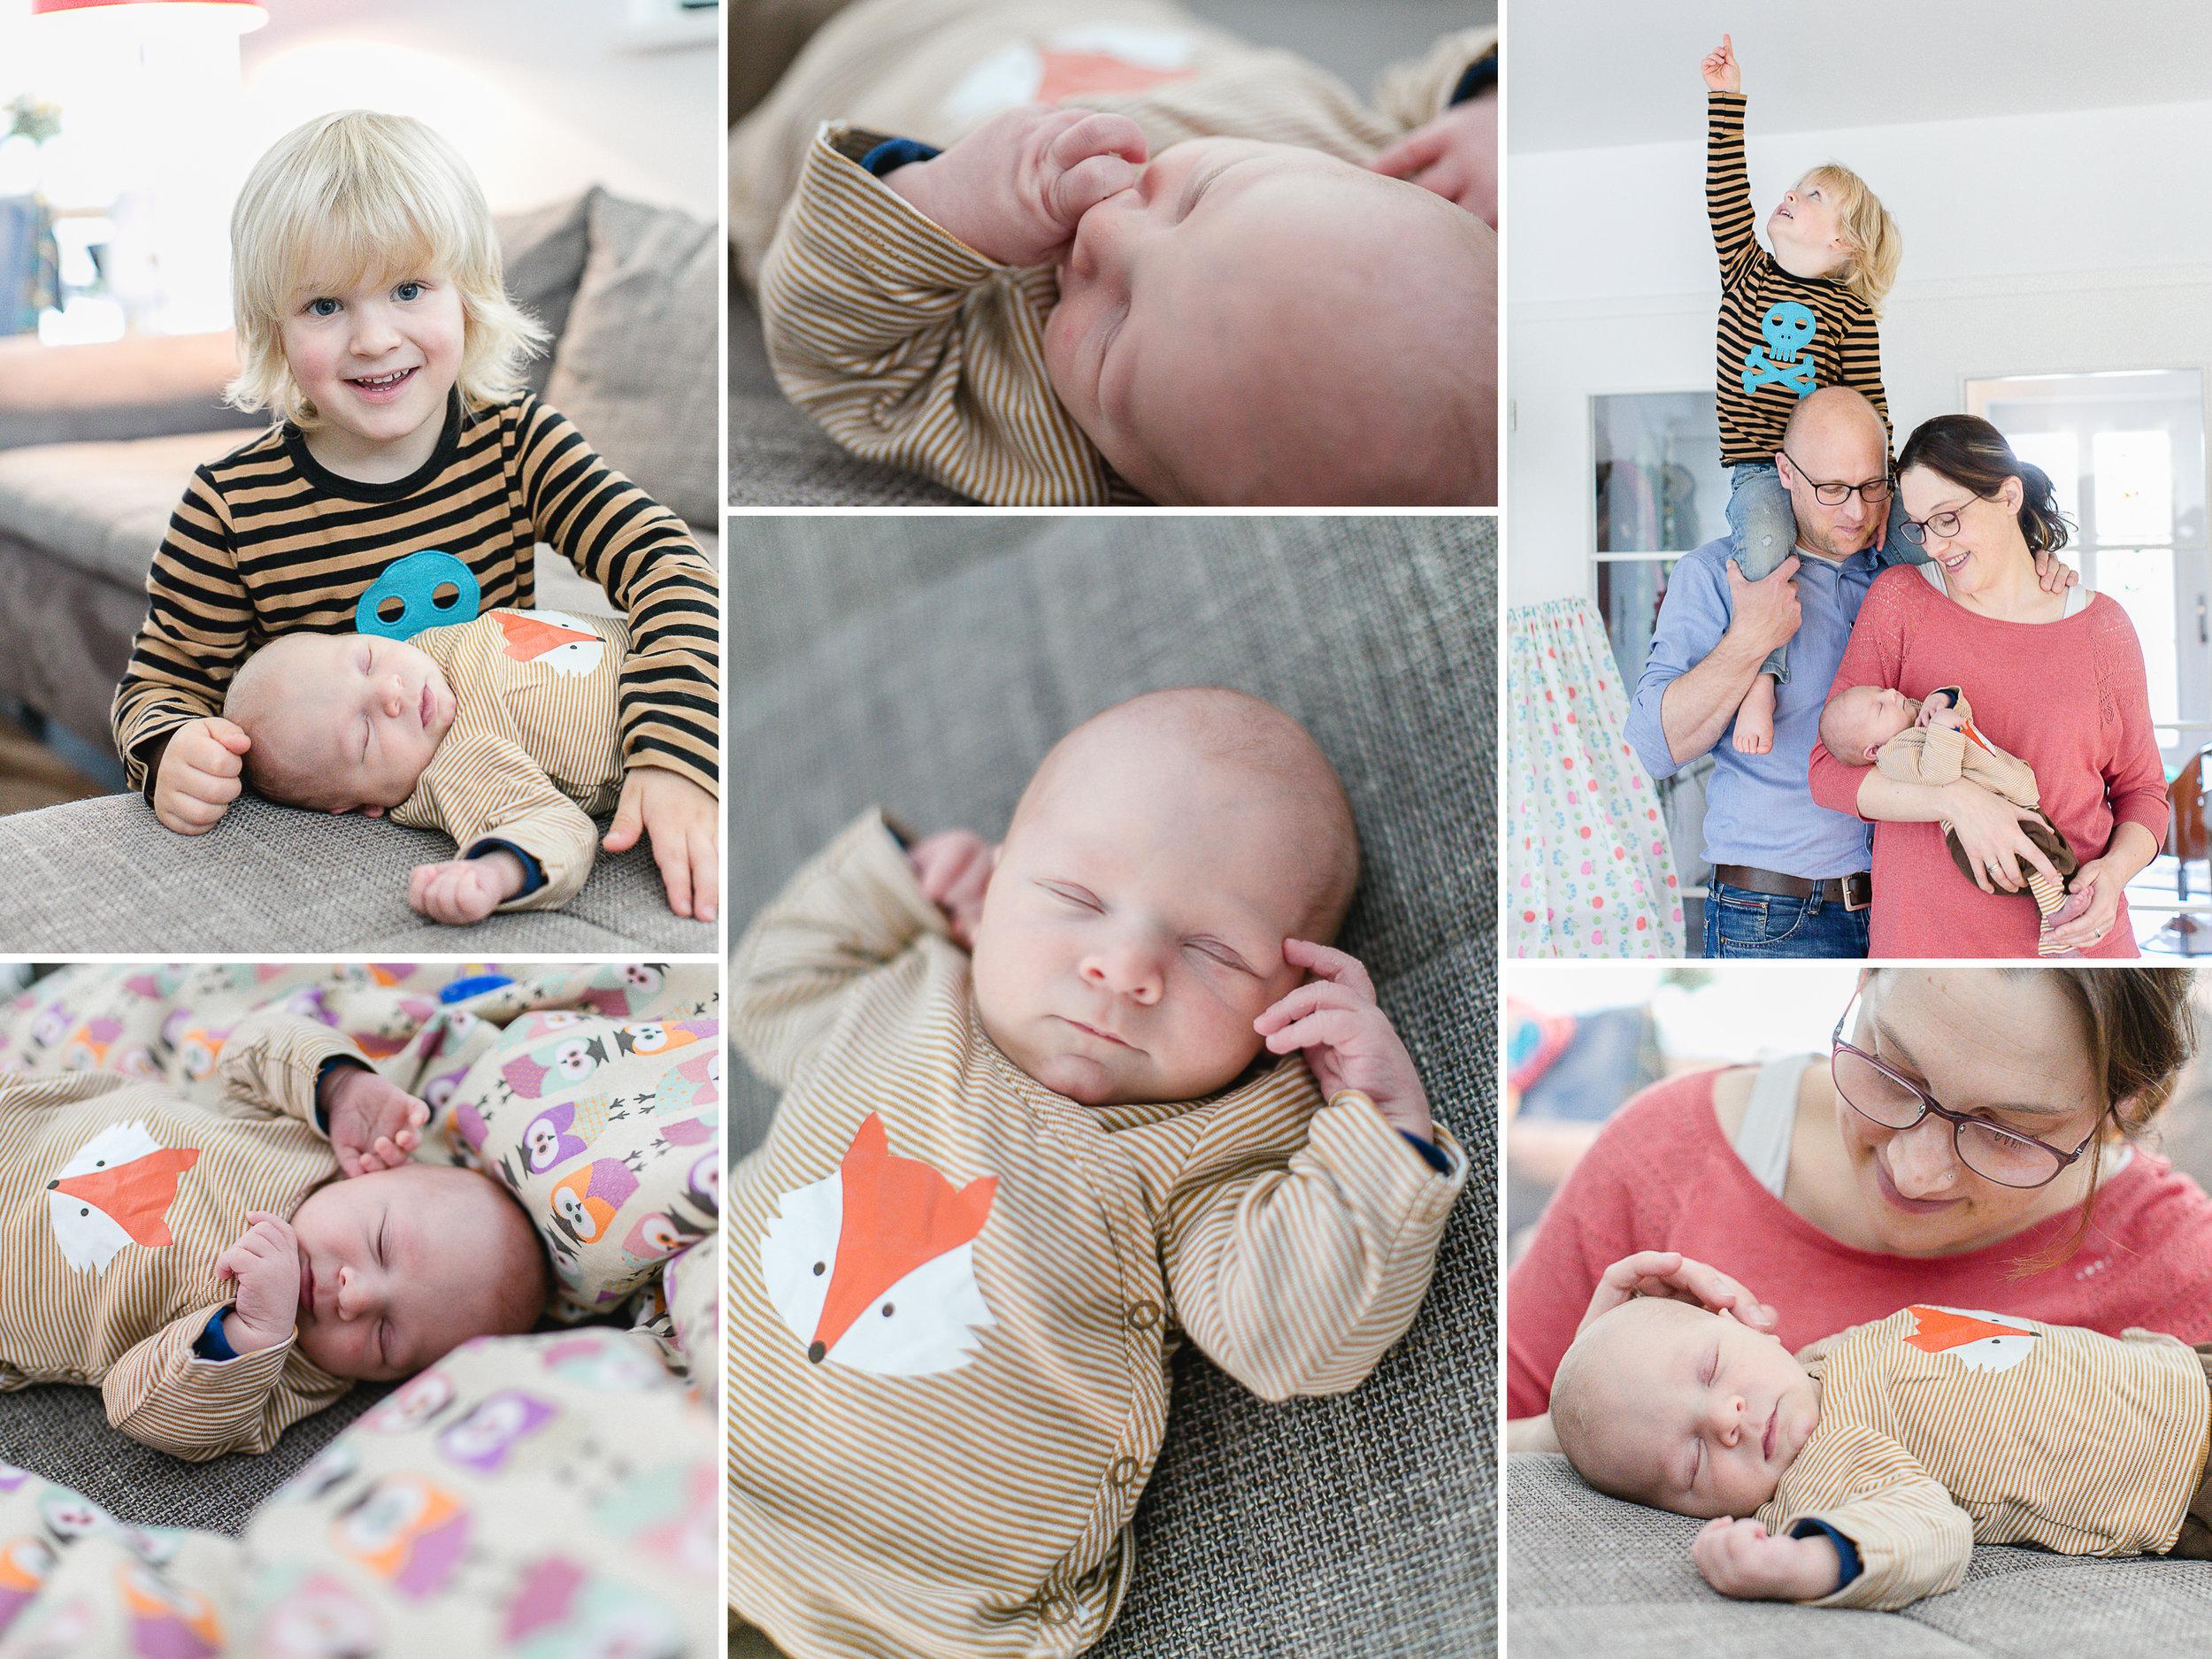 Familienfotos Fotograf menden Iserlohn Unna Schwerte.jpg